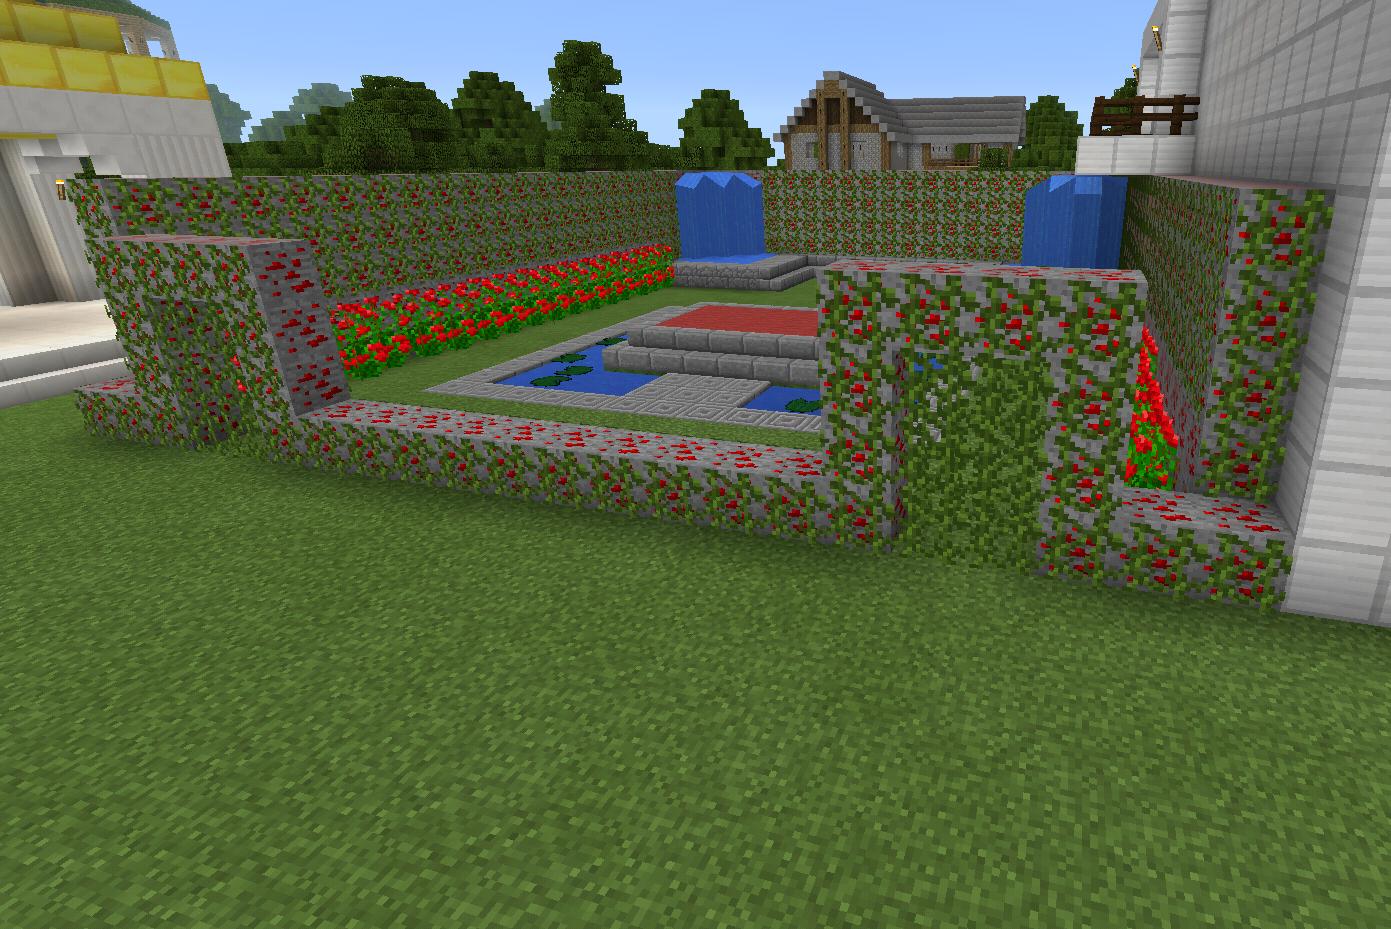 Minecraft Rose Garden